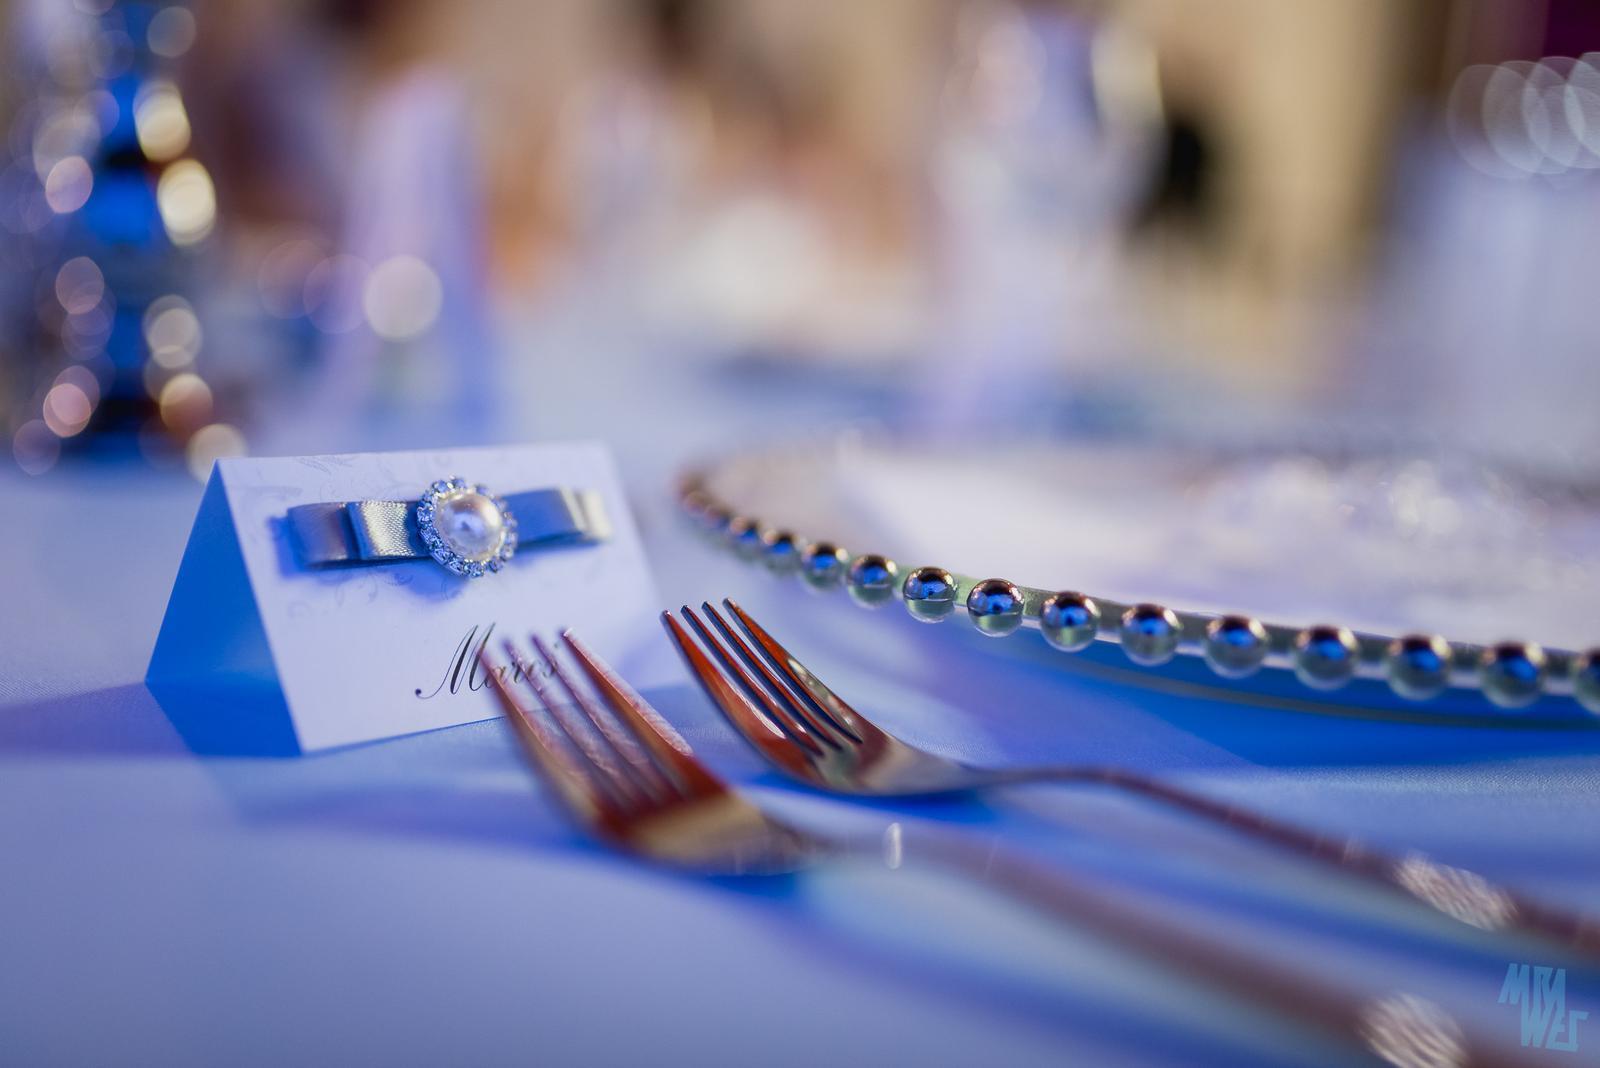 klubové taniere so striebornými perličkami - Obrázok č. 3